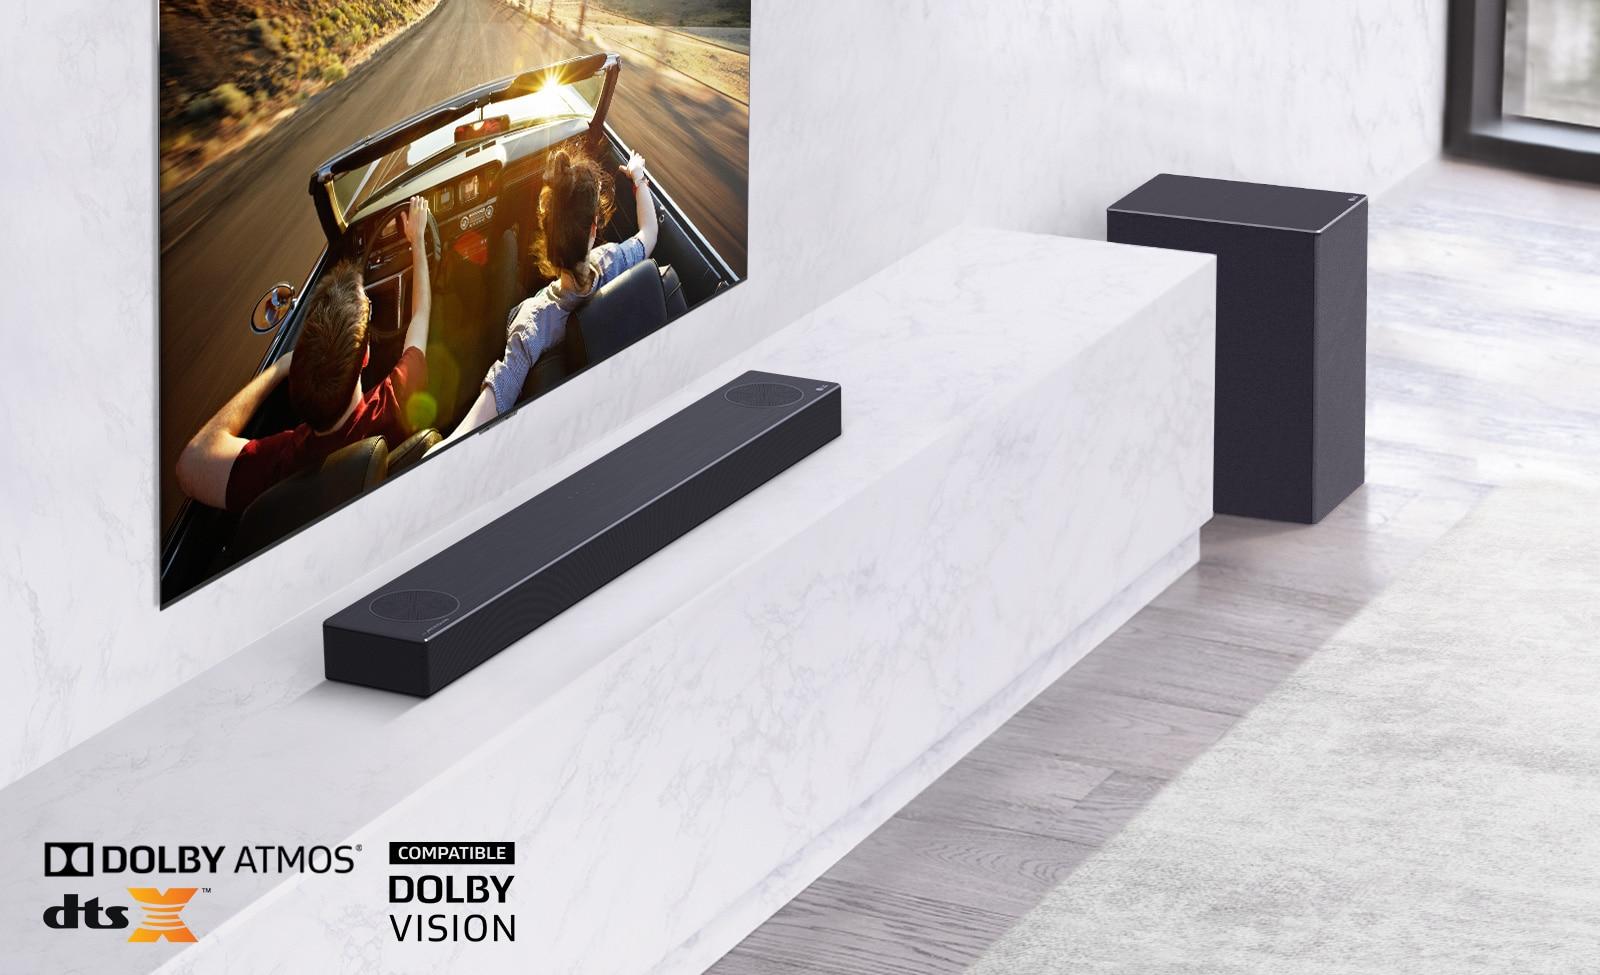 Tv aan de muur, LG Soundbar staat onder op een witte marmeren plank met rechts een subwoofer. Tv toont een koppel in een auto.